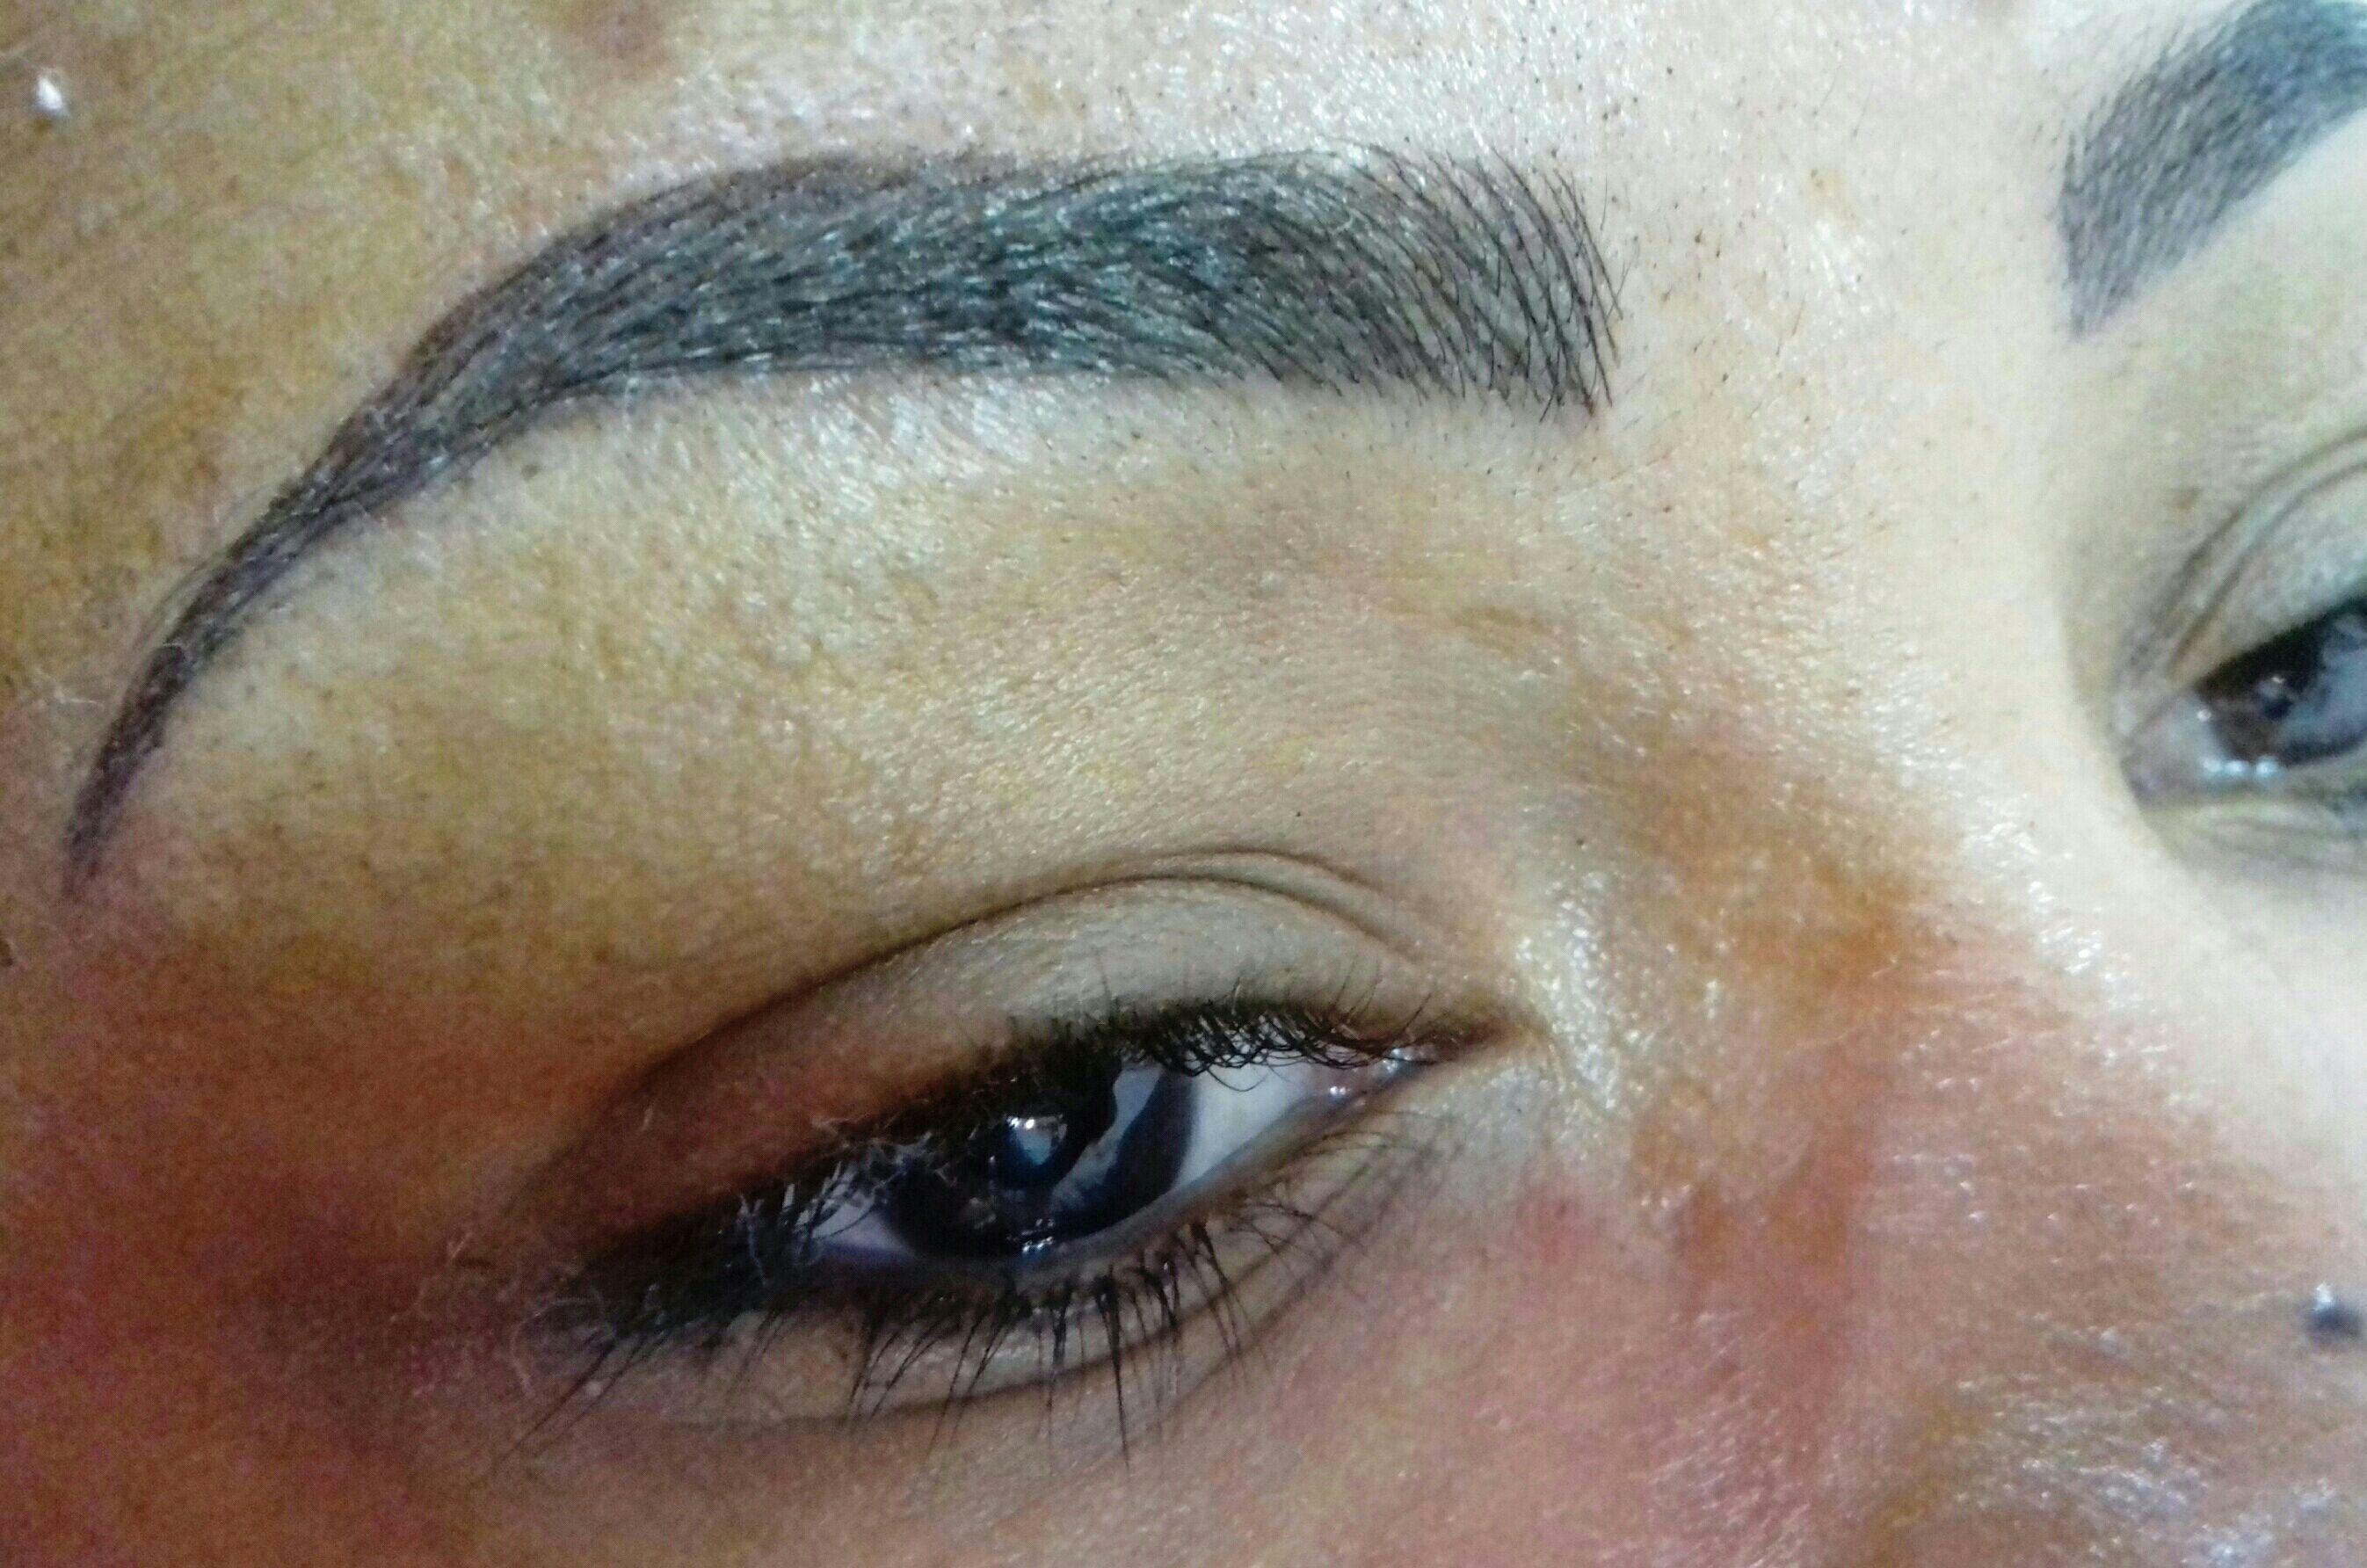 maquiagem estética designer de sobrancelhas dermopigmentador(a) depilador(a) micropigmentador(a) esteticista